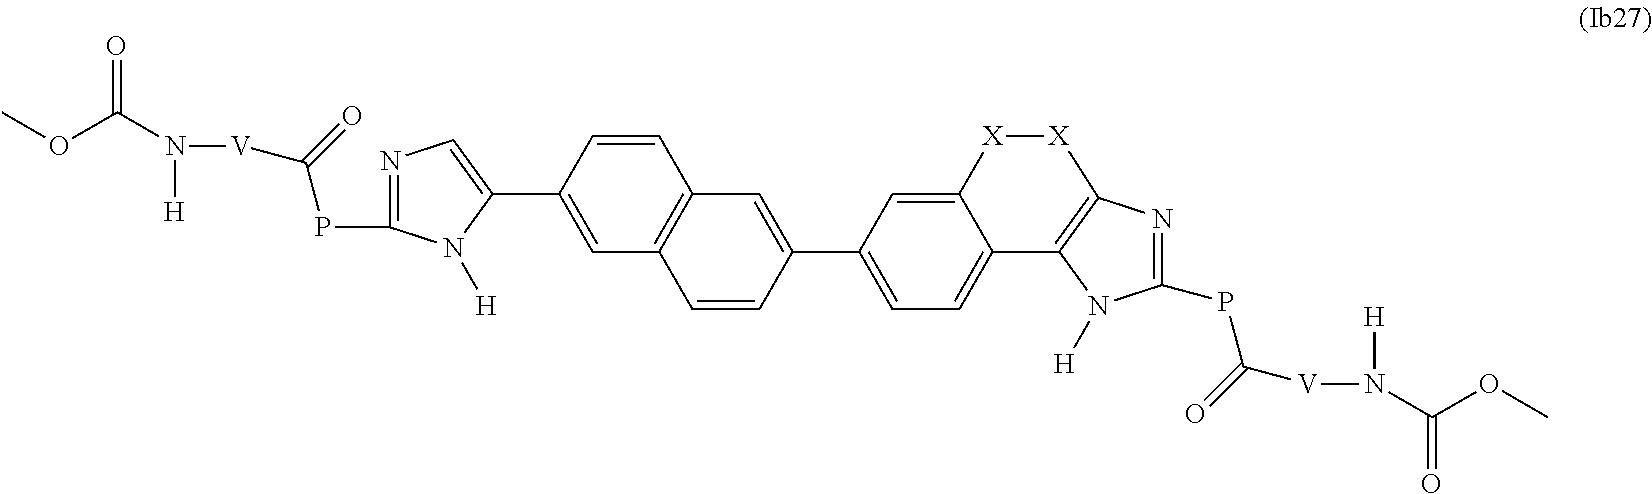 Figure US08841278-20140923-C00380